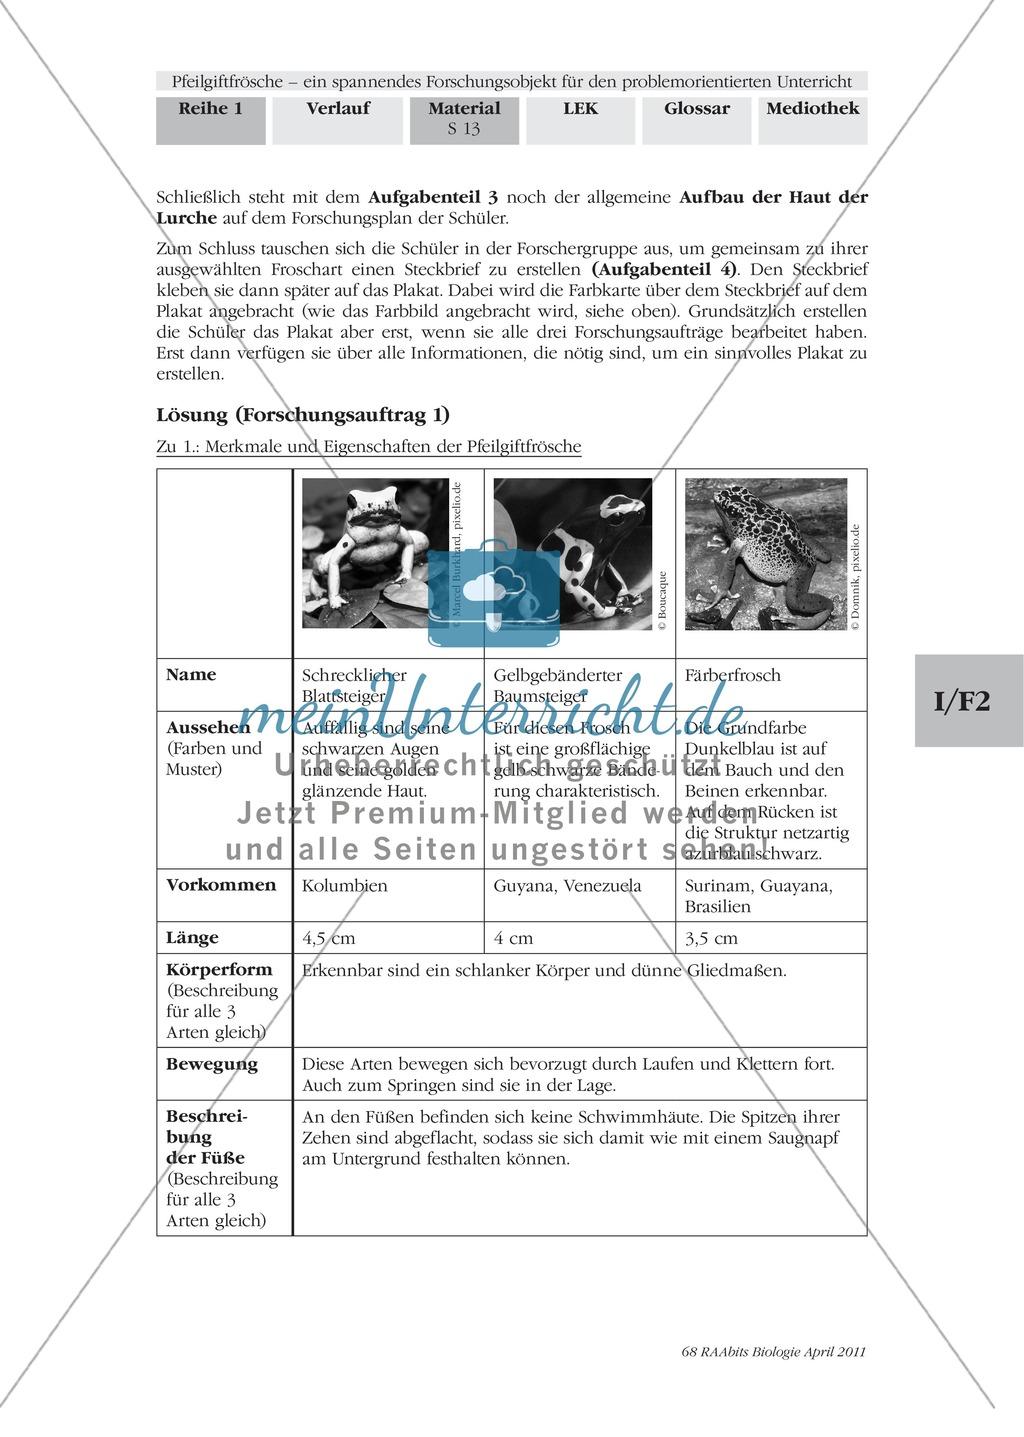 Merkmale und Eigenschaften von Fröschen am Beispiel von Pfeilgiftfröschen: Forschungsauftrag Preview 5